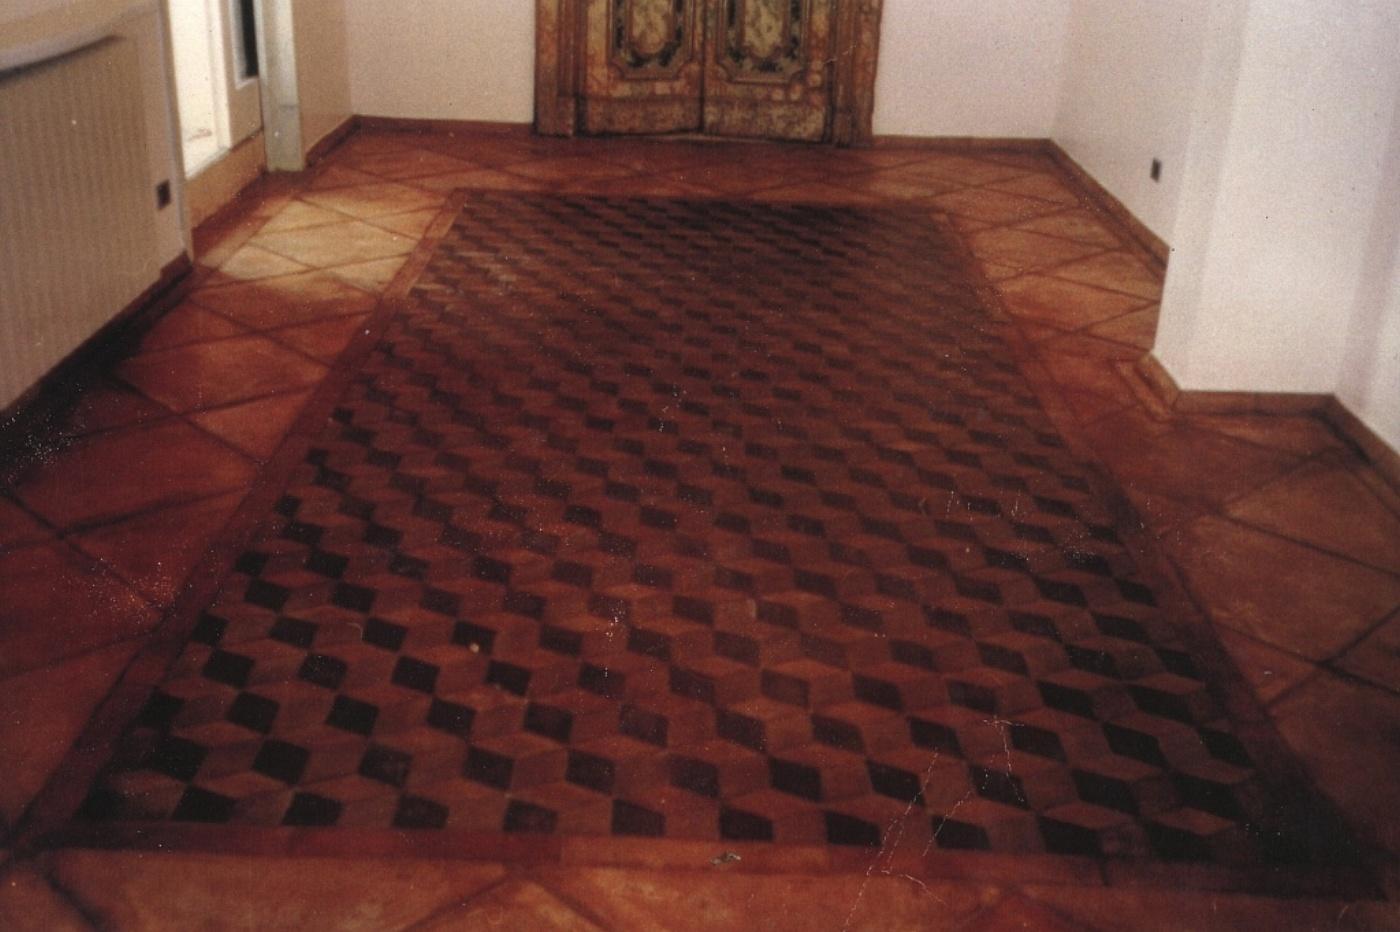 Pavimenti In Cotto Fatto A Mano : Sols interni di prestigio pavimenti in cotto fatto a mano